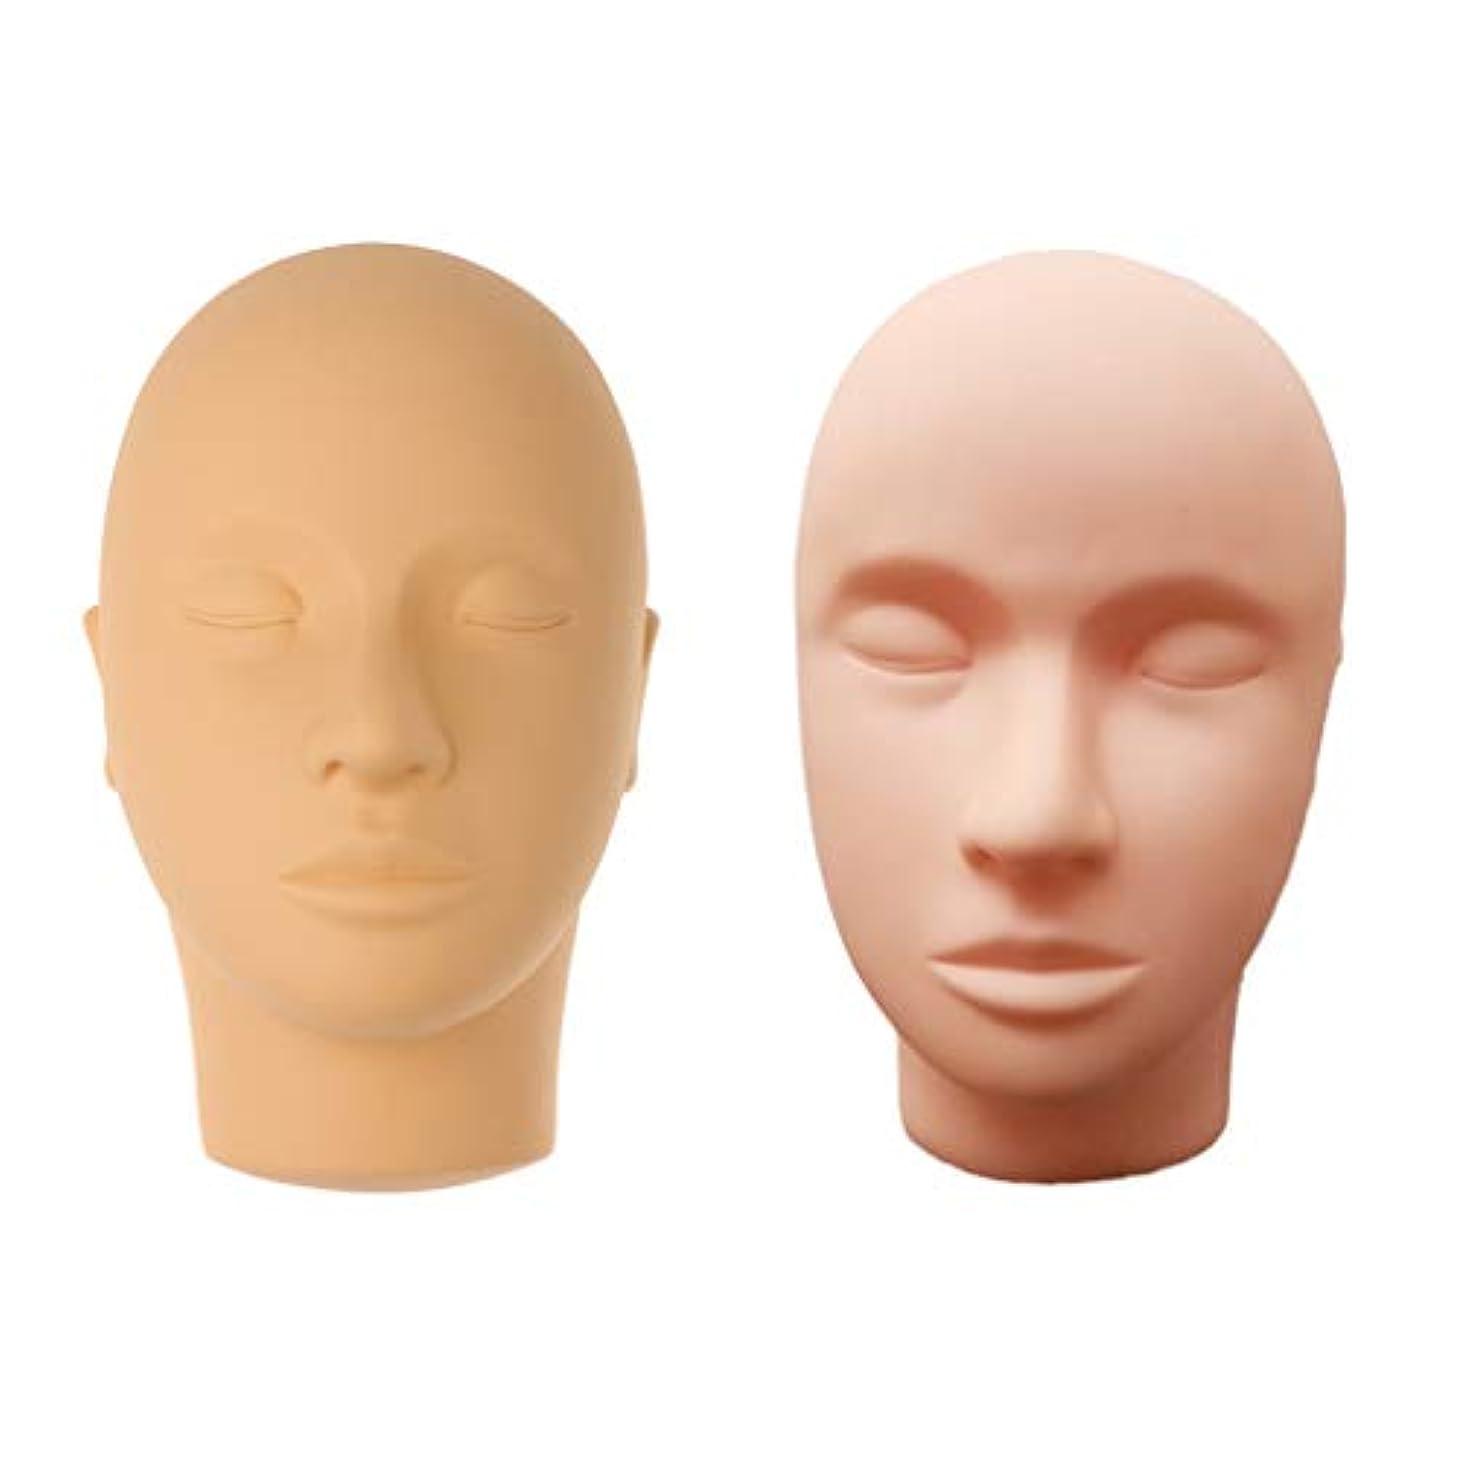 識別する放棄された頬マネキンヘッド モデル 肌色 メイクアップ まつげエクステ 化粧 メイクアップ トレーニング サロン用